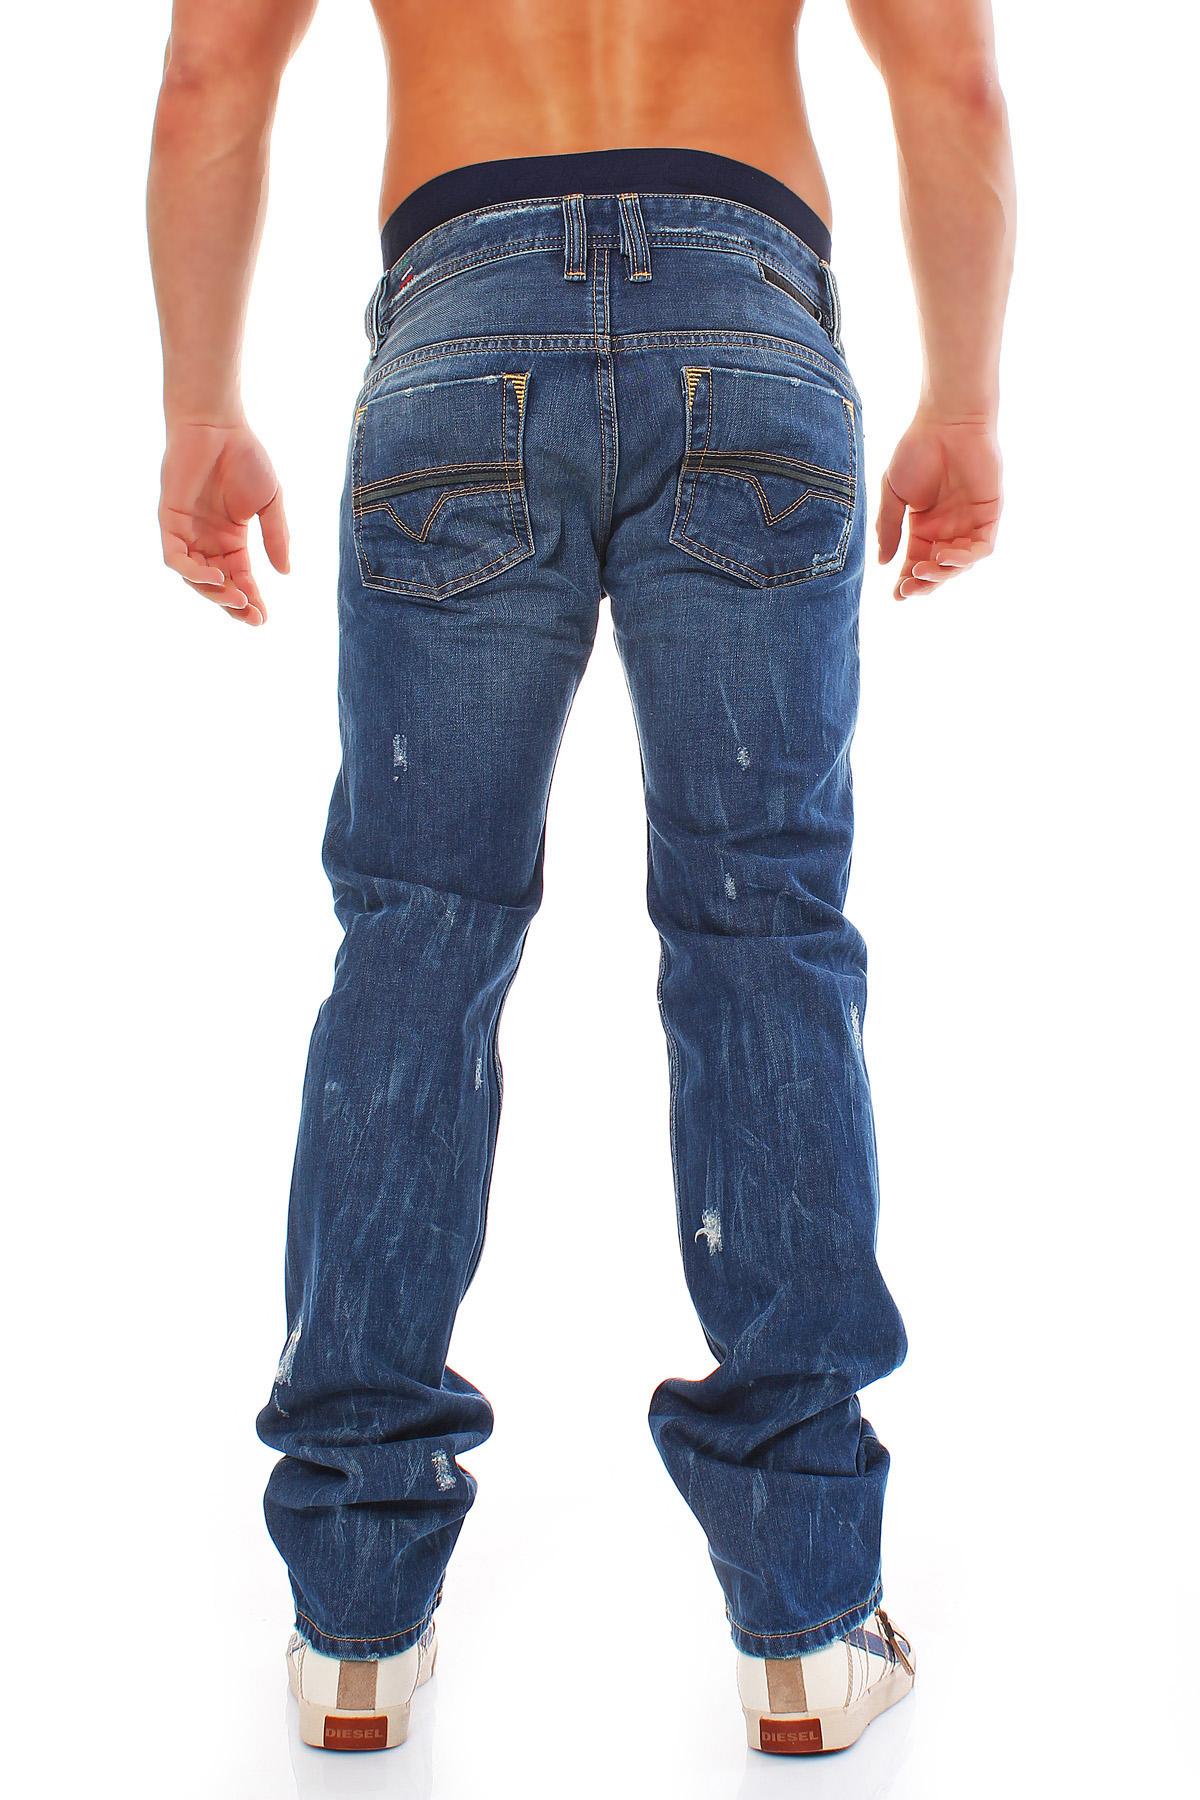 diesel jeans safado 0073j 73j herren hose regular slim. Black Bedroom Furniture Sets. Home Design Ideas